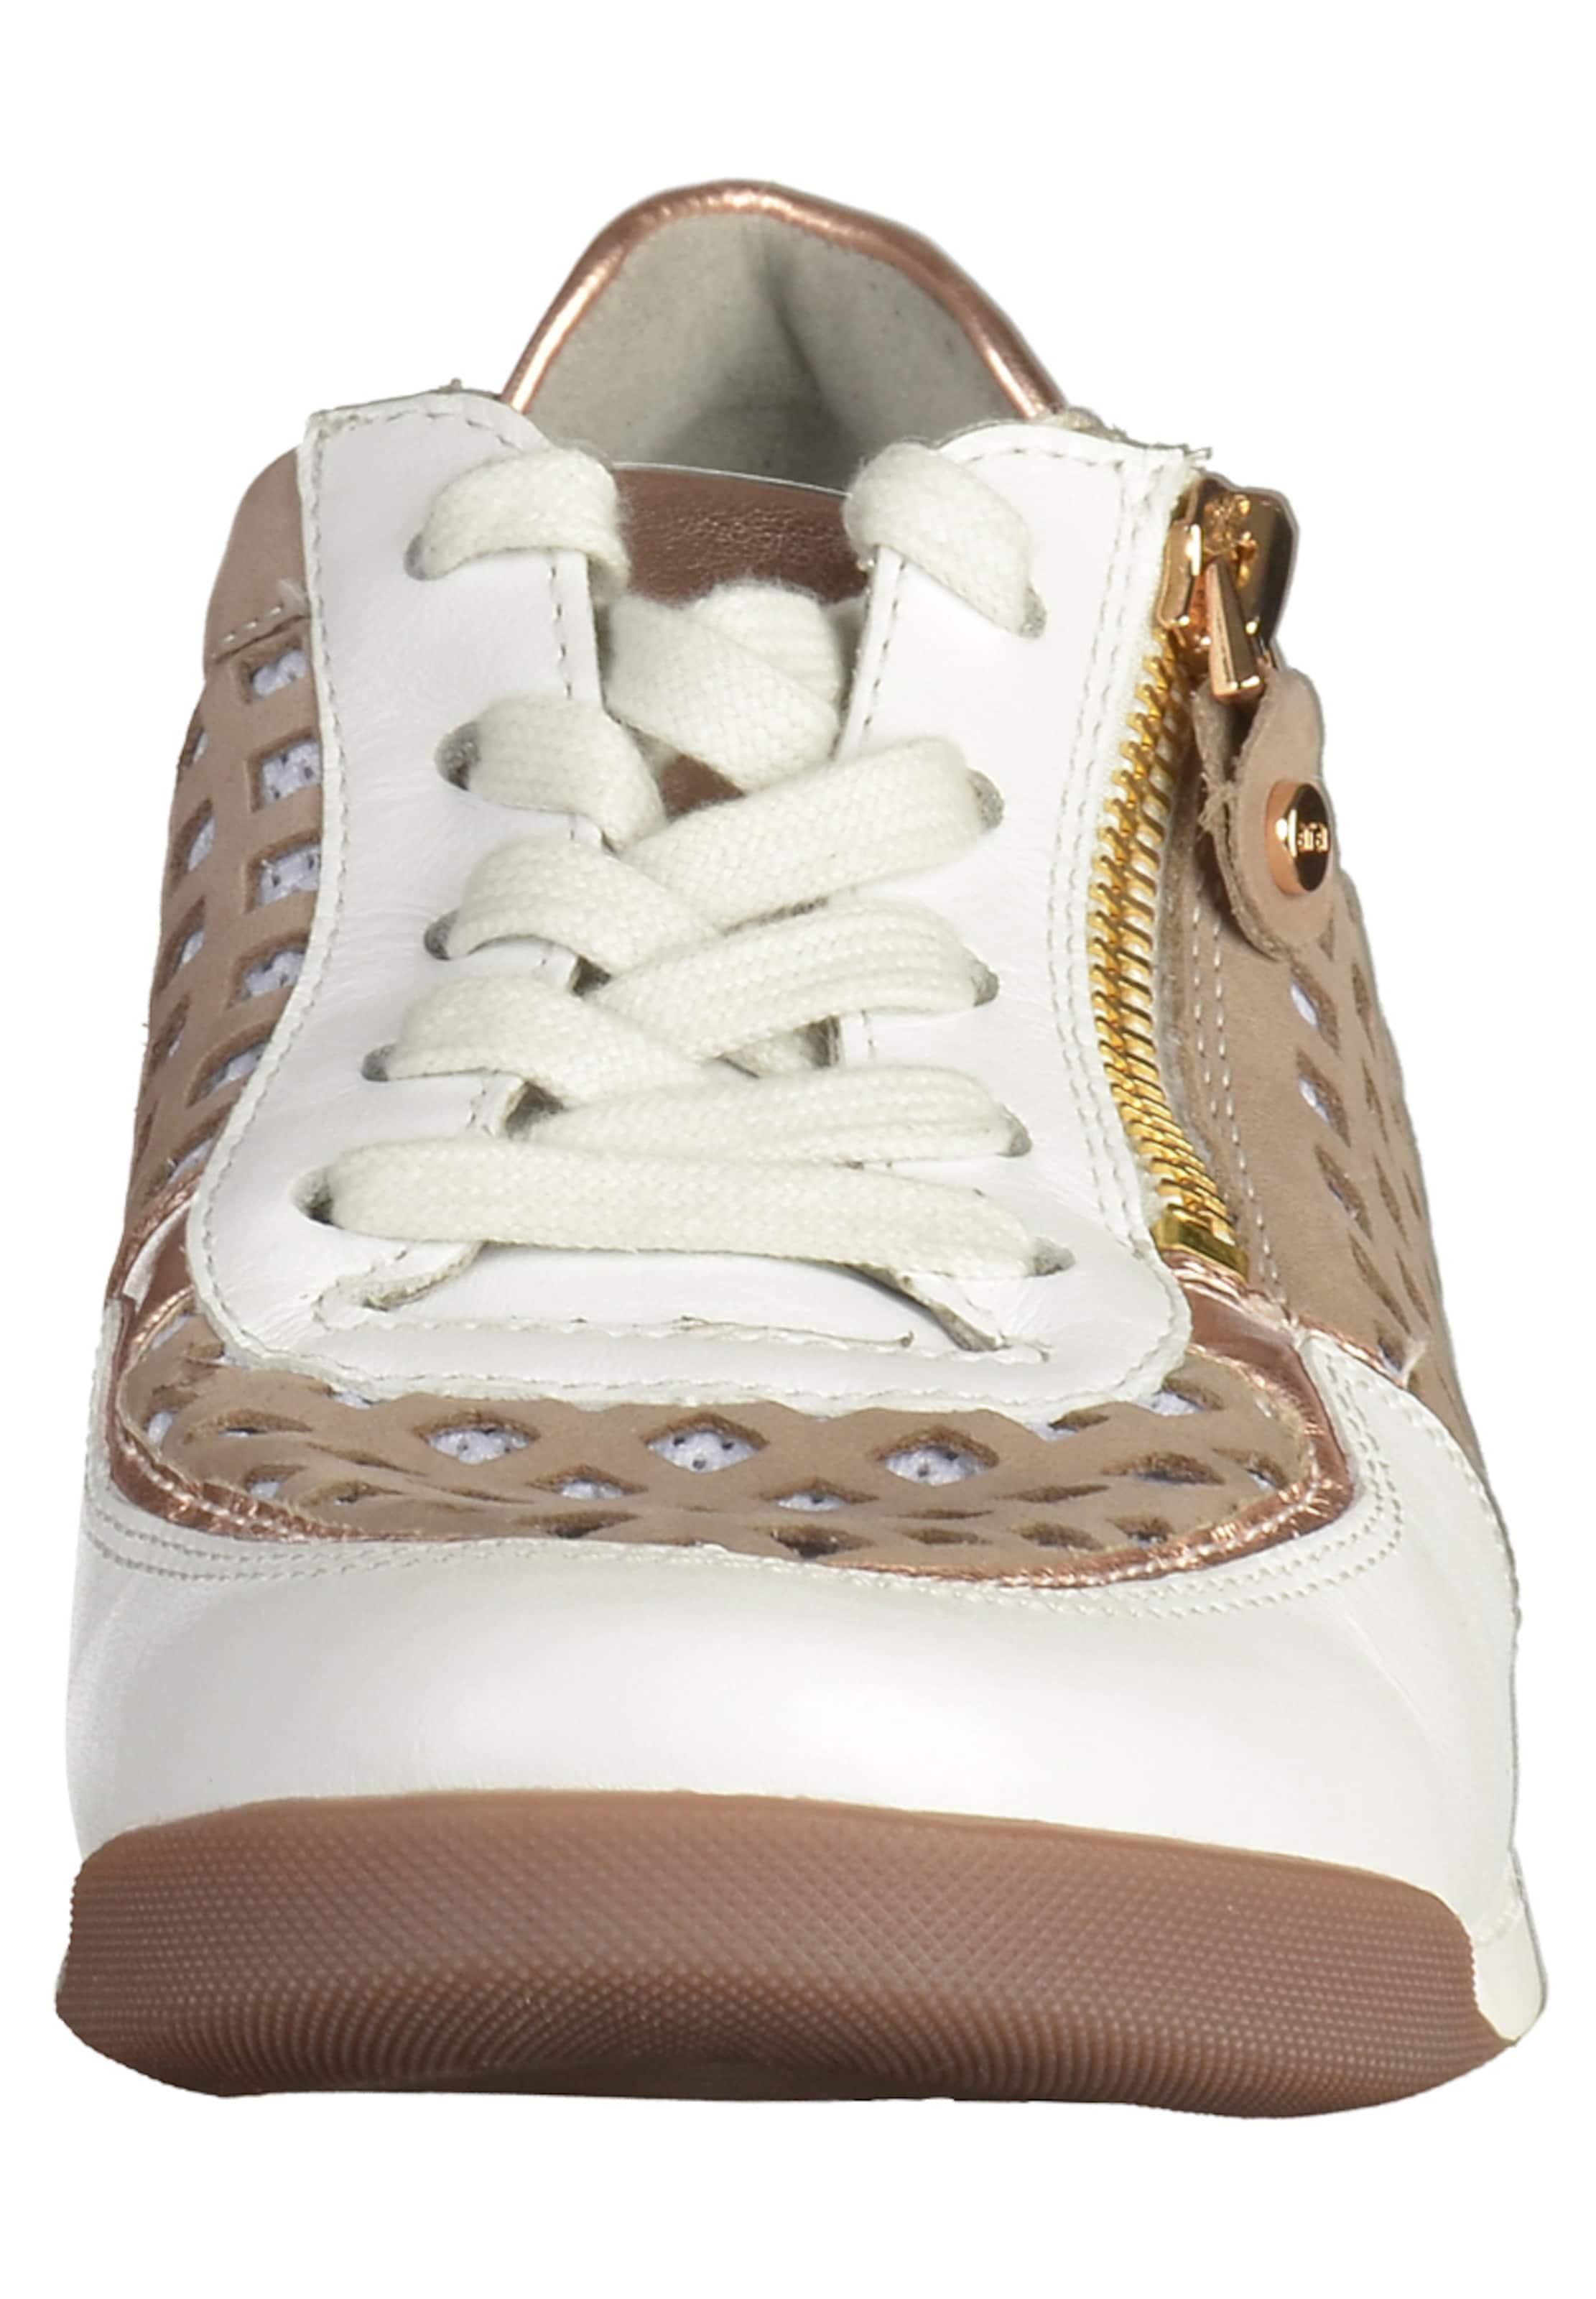 ARA Sneaker Billig Verkauf Manchester Großer Verkauf fqXNIO7